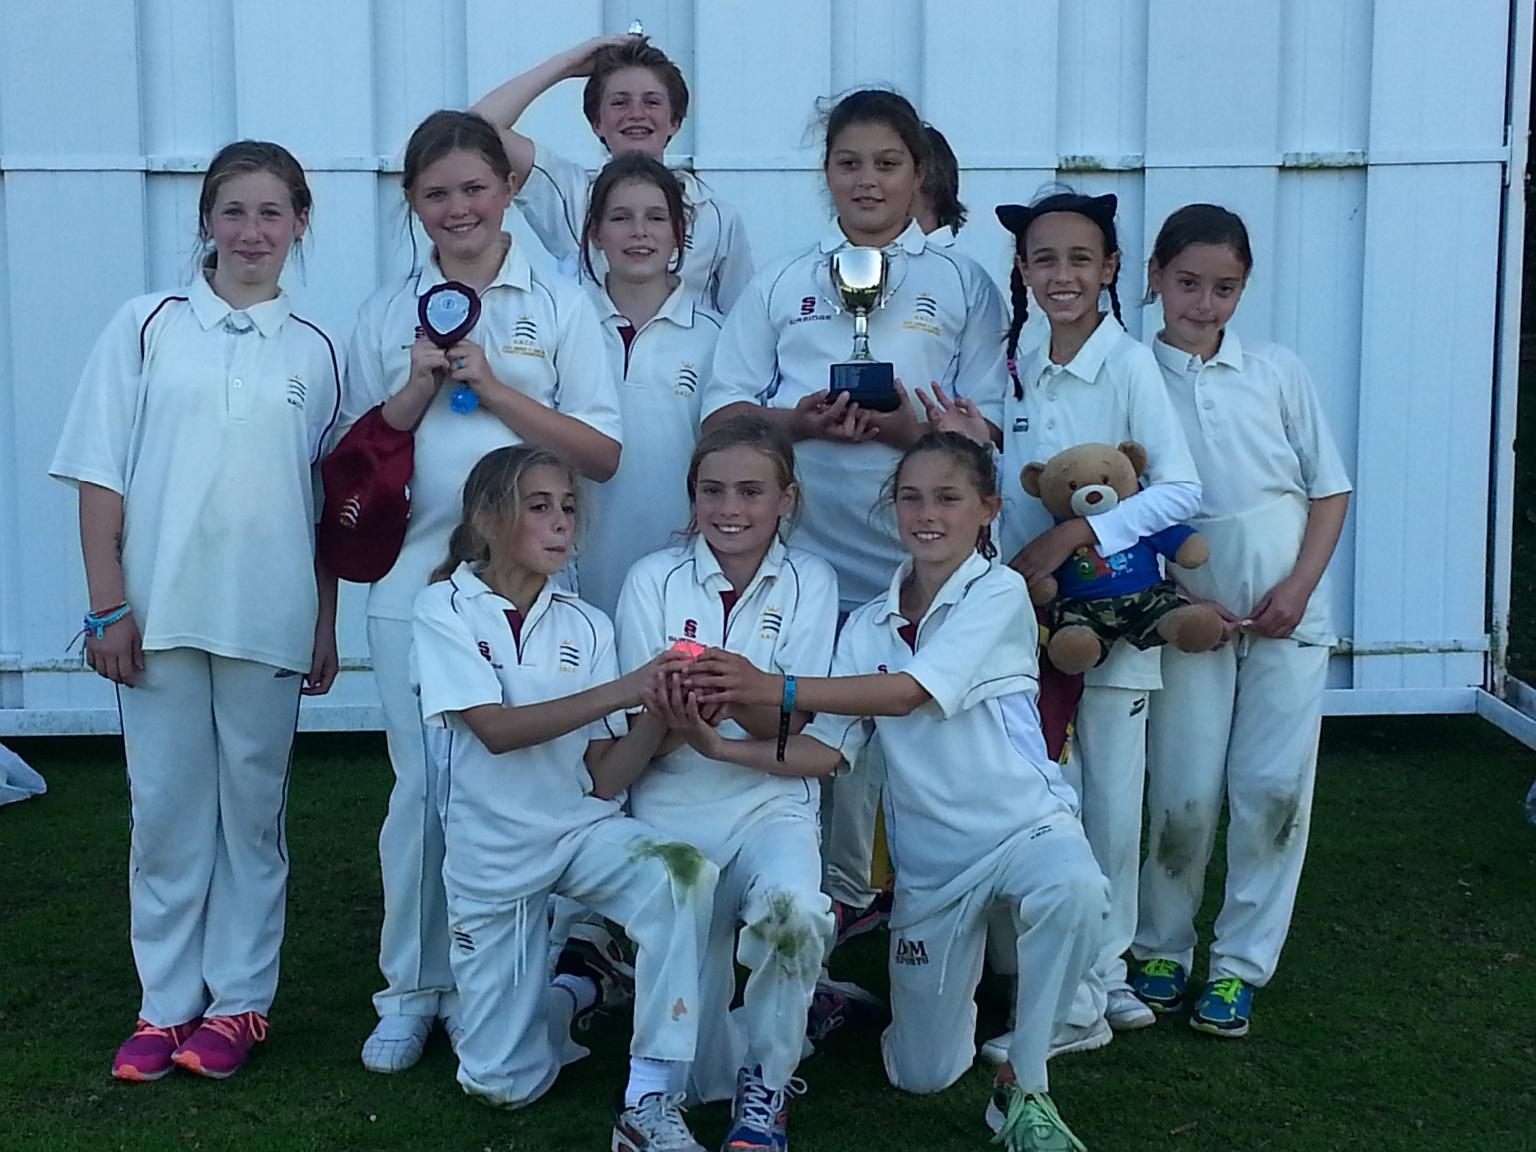 The winning team!